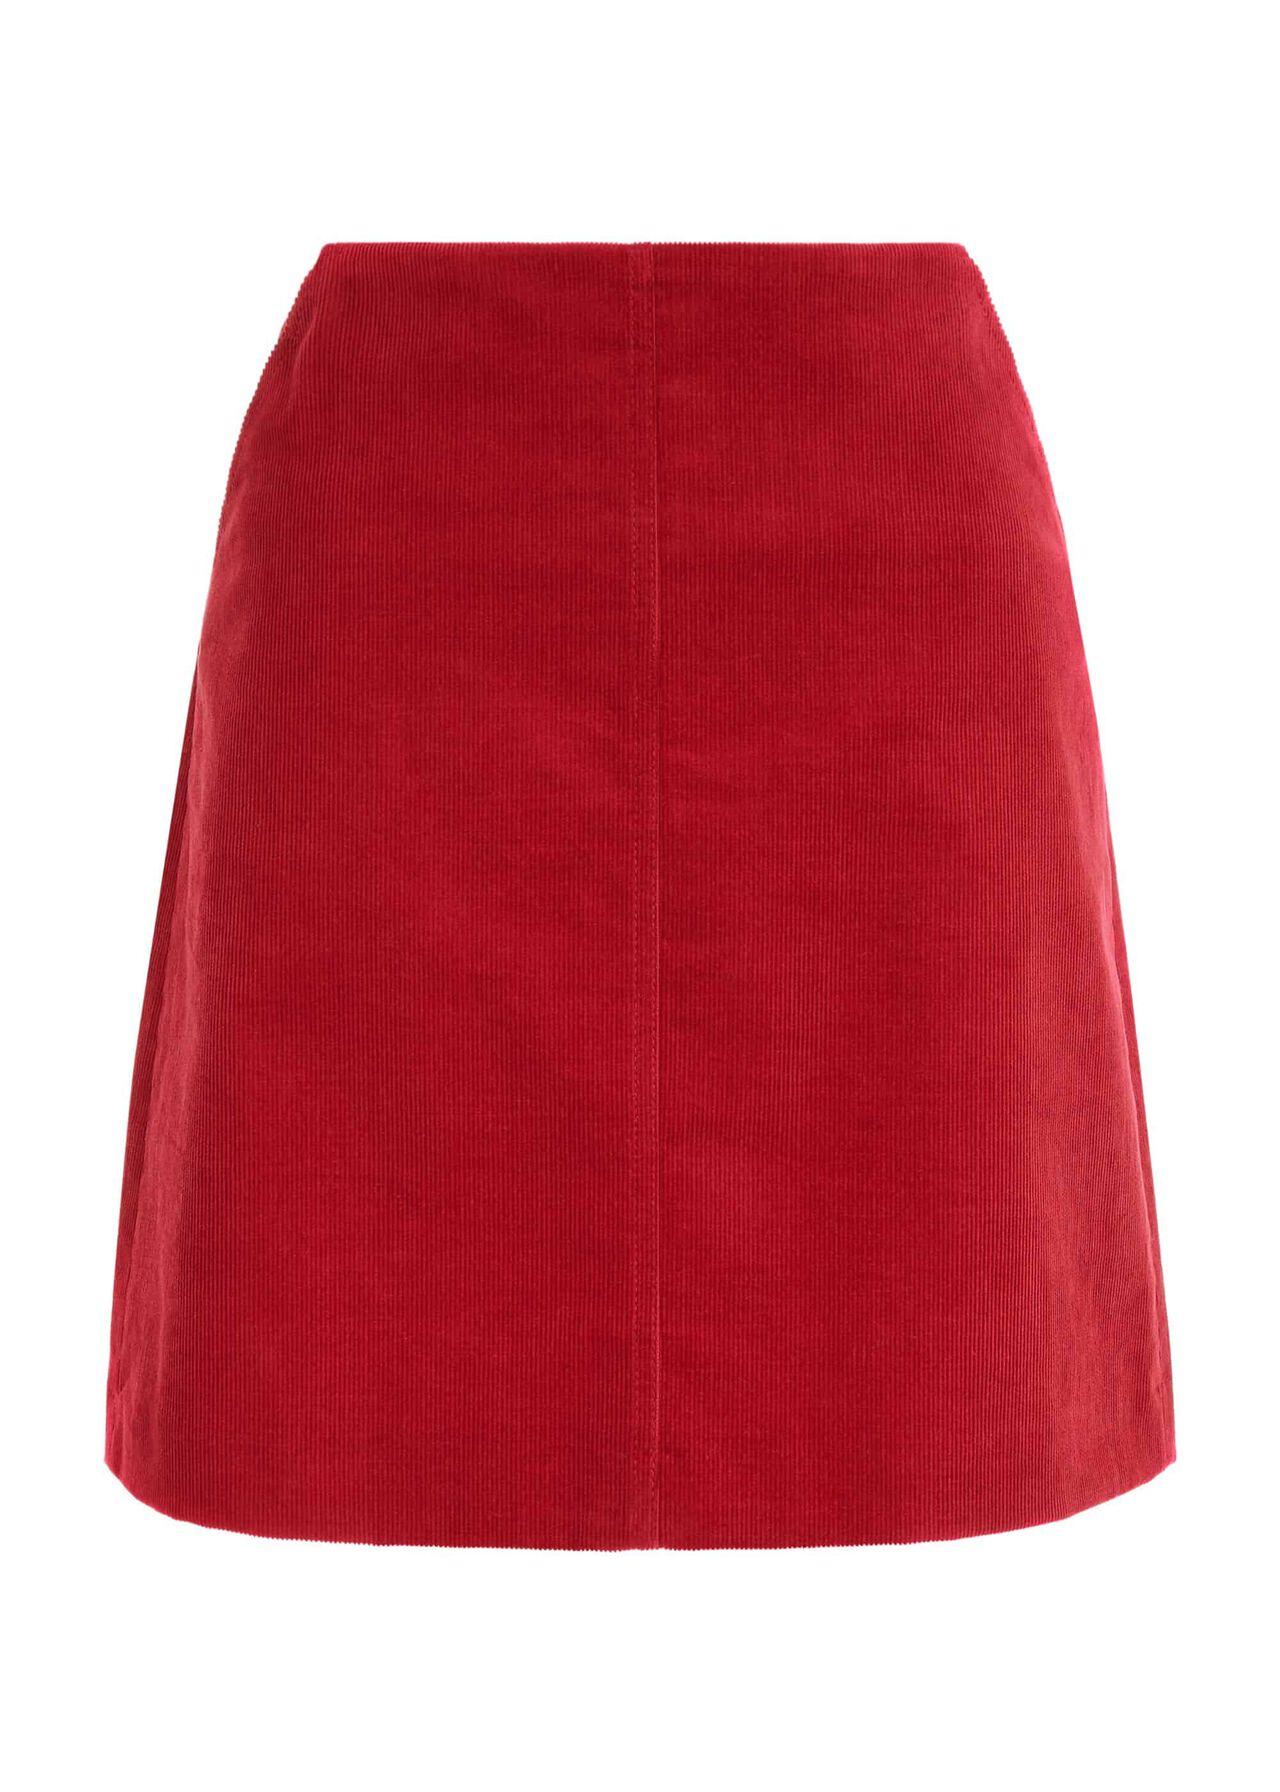 Hannah Skirt Red